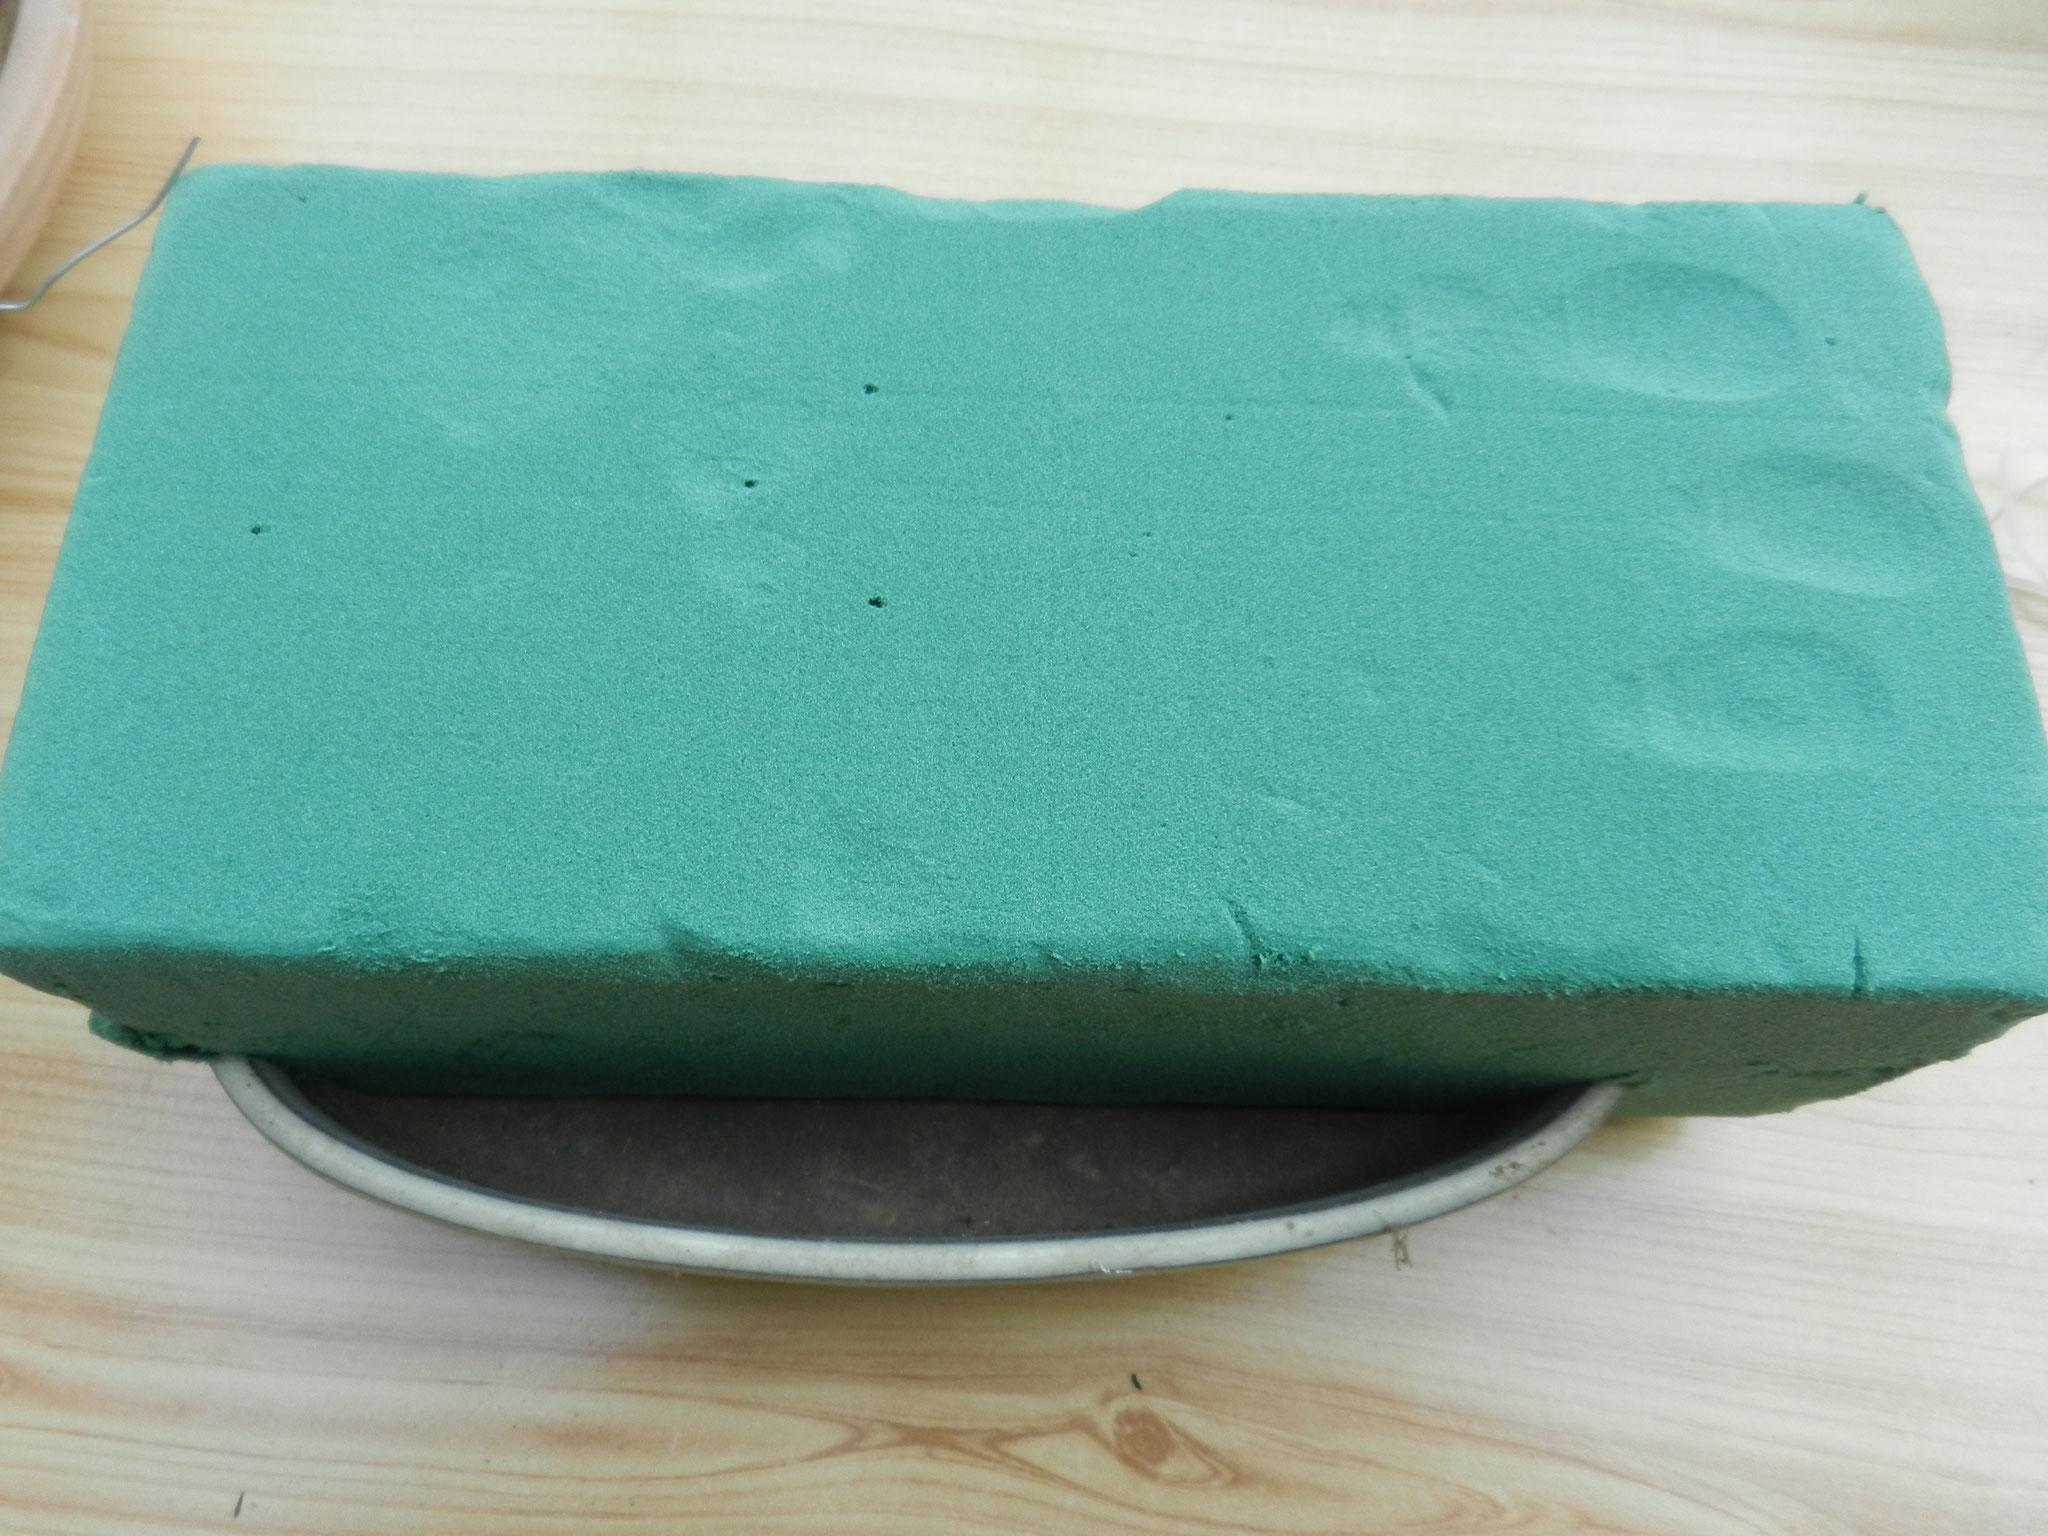 Posez le bloc de mousse sur le récipient